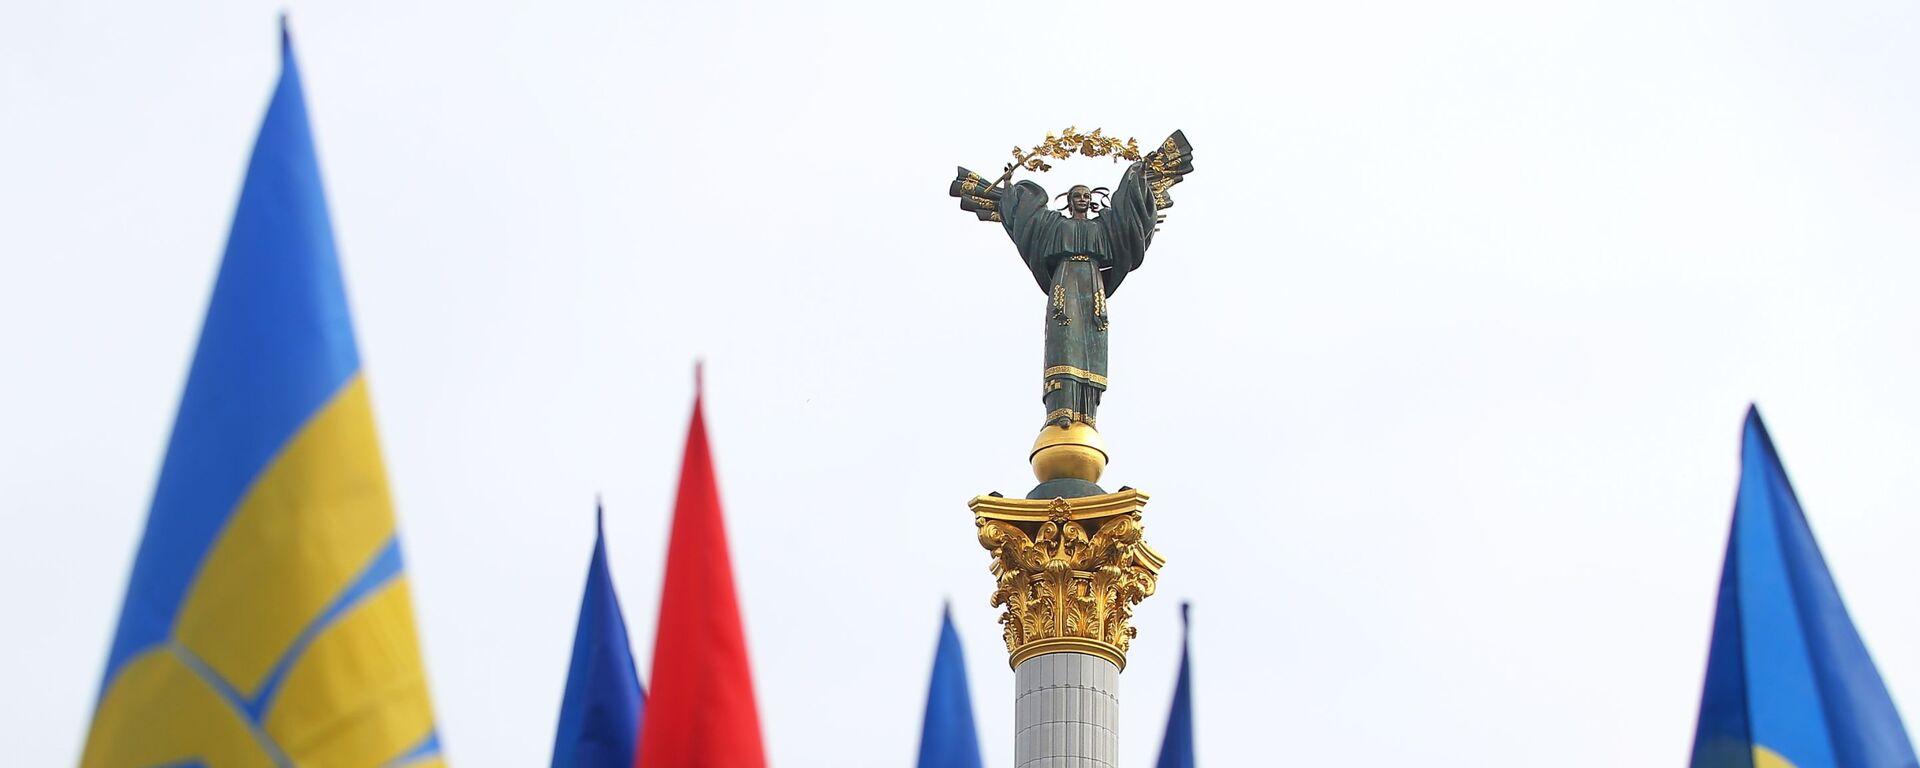 Акции в Киеве с требованием честных выборов - Sputnik Таджикистан, 1920, 23.04.2021